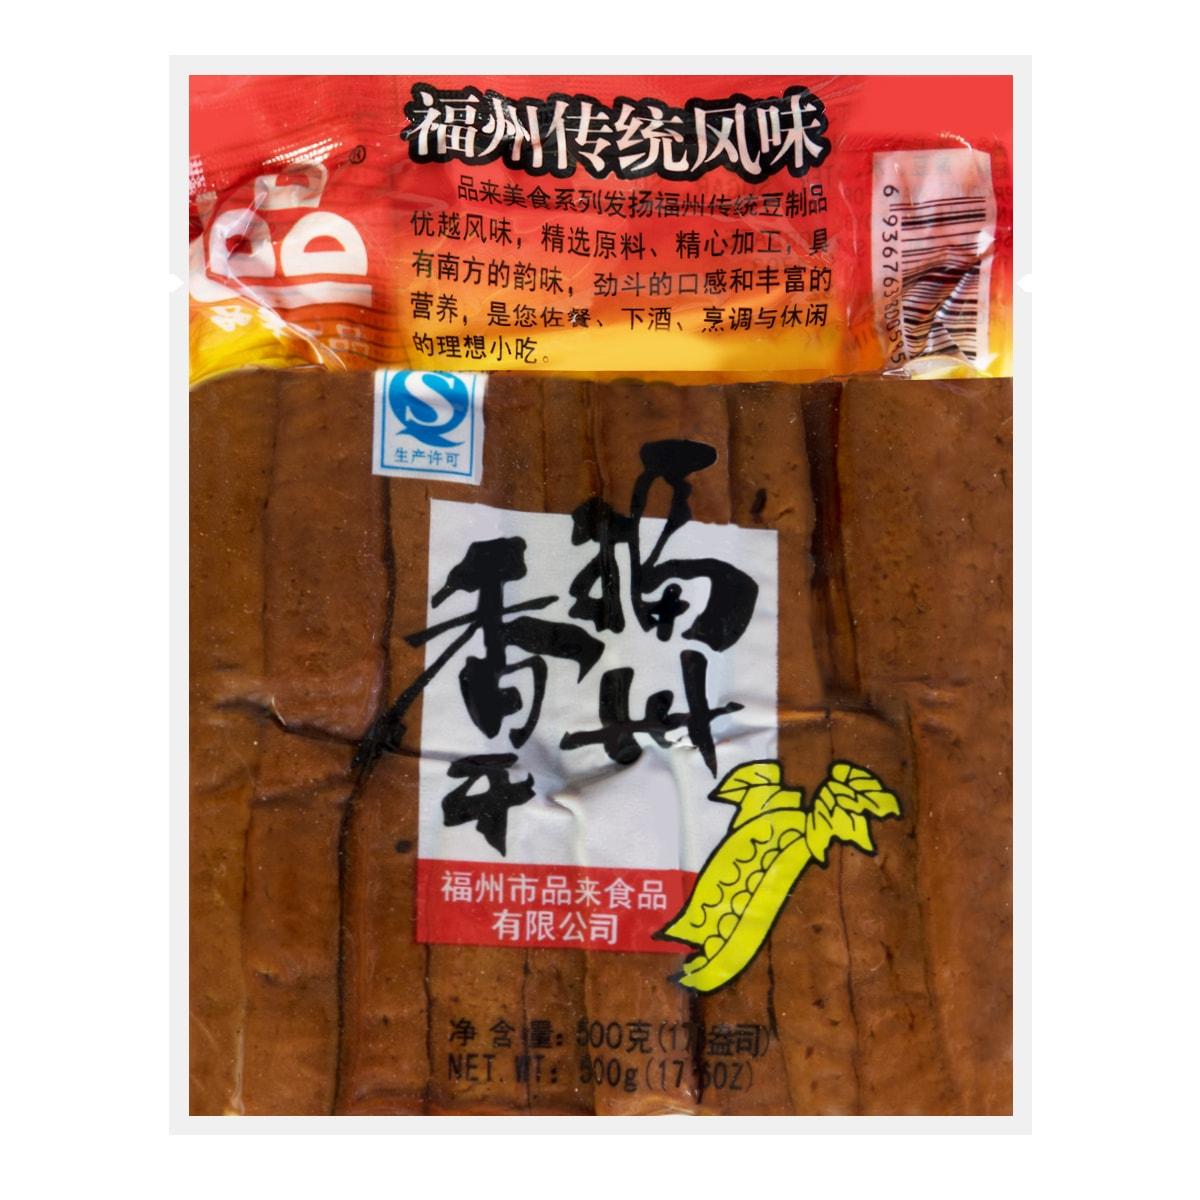 品来美食 福州香干 500g